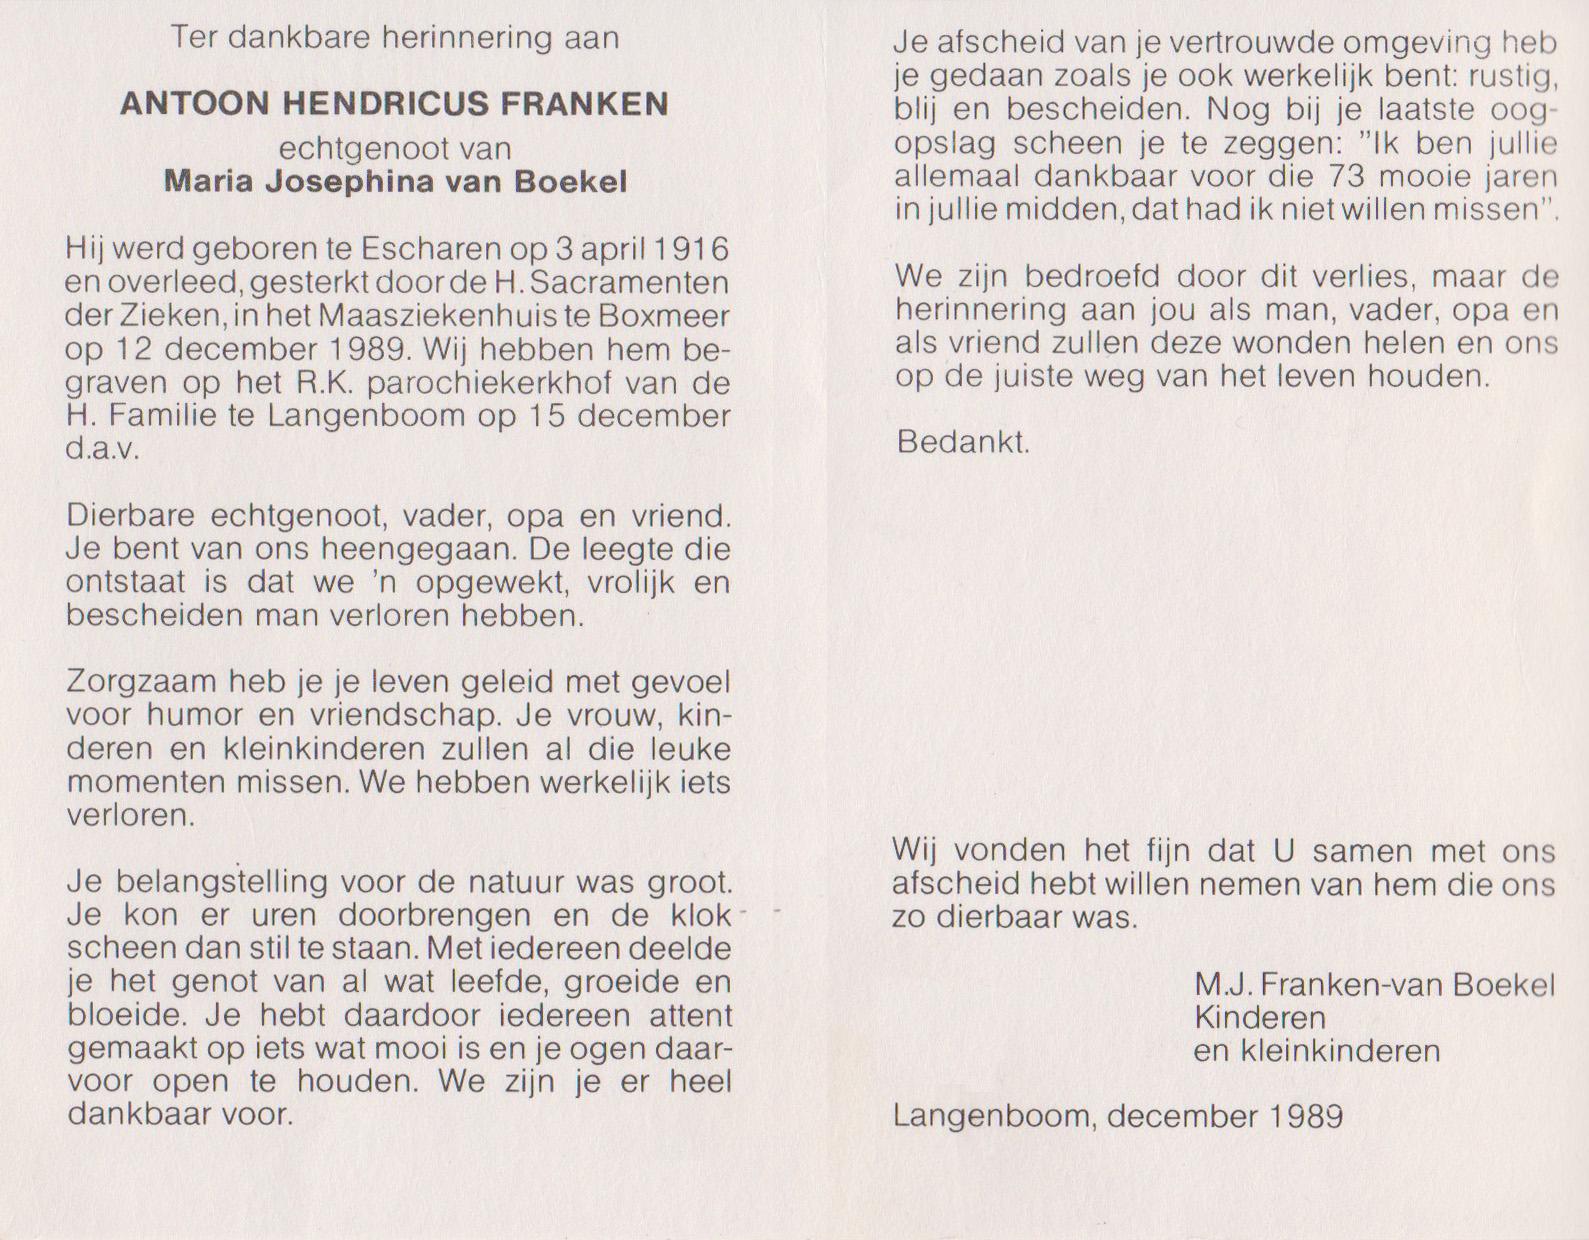 Bidprentje Antoon HendricusFranken